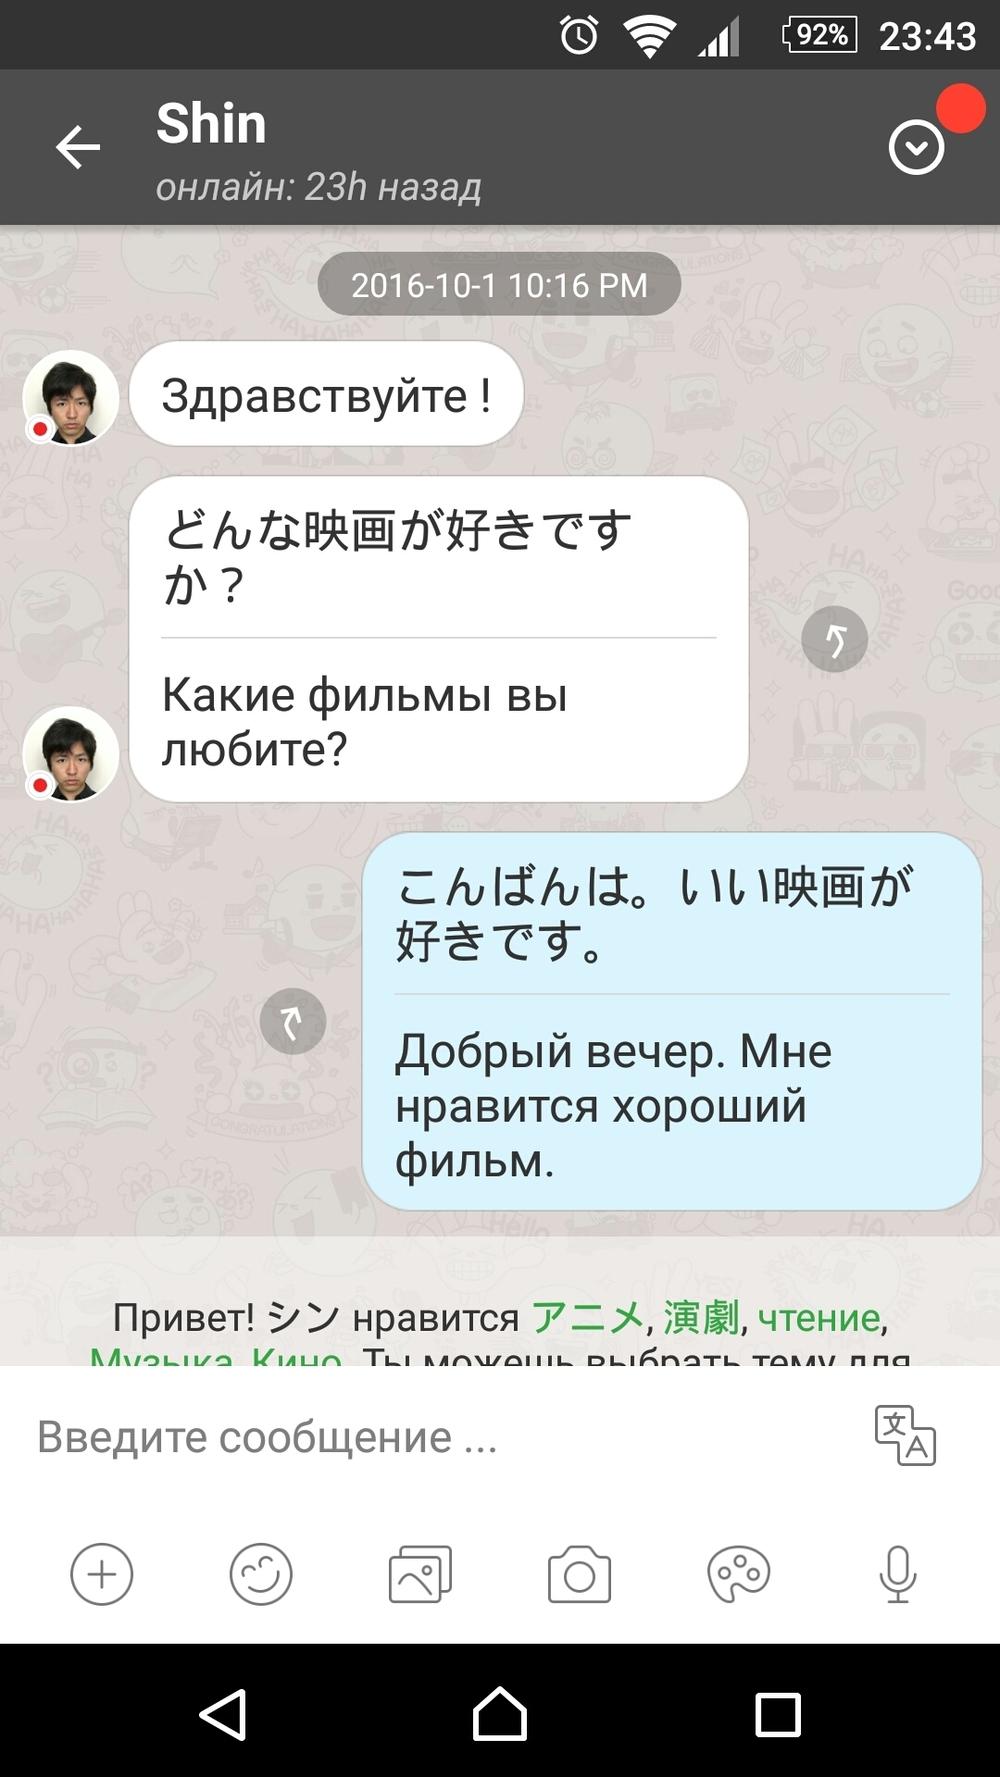 Хочу познакомиться с японкой через интернет секс знакомства a подольске